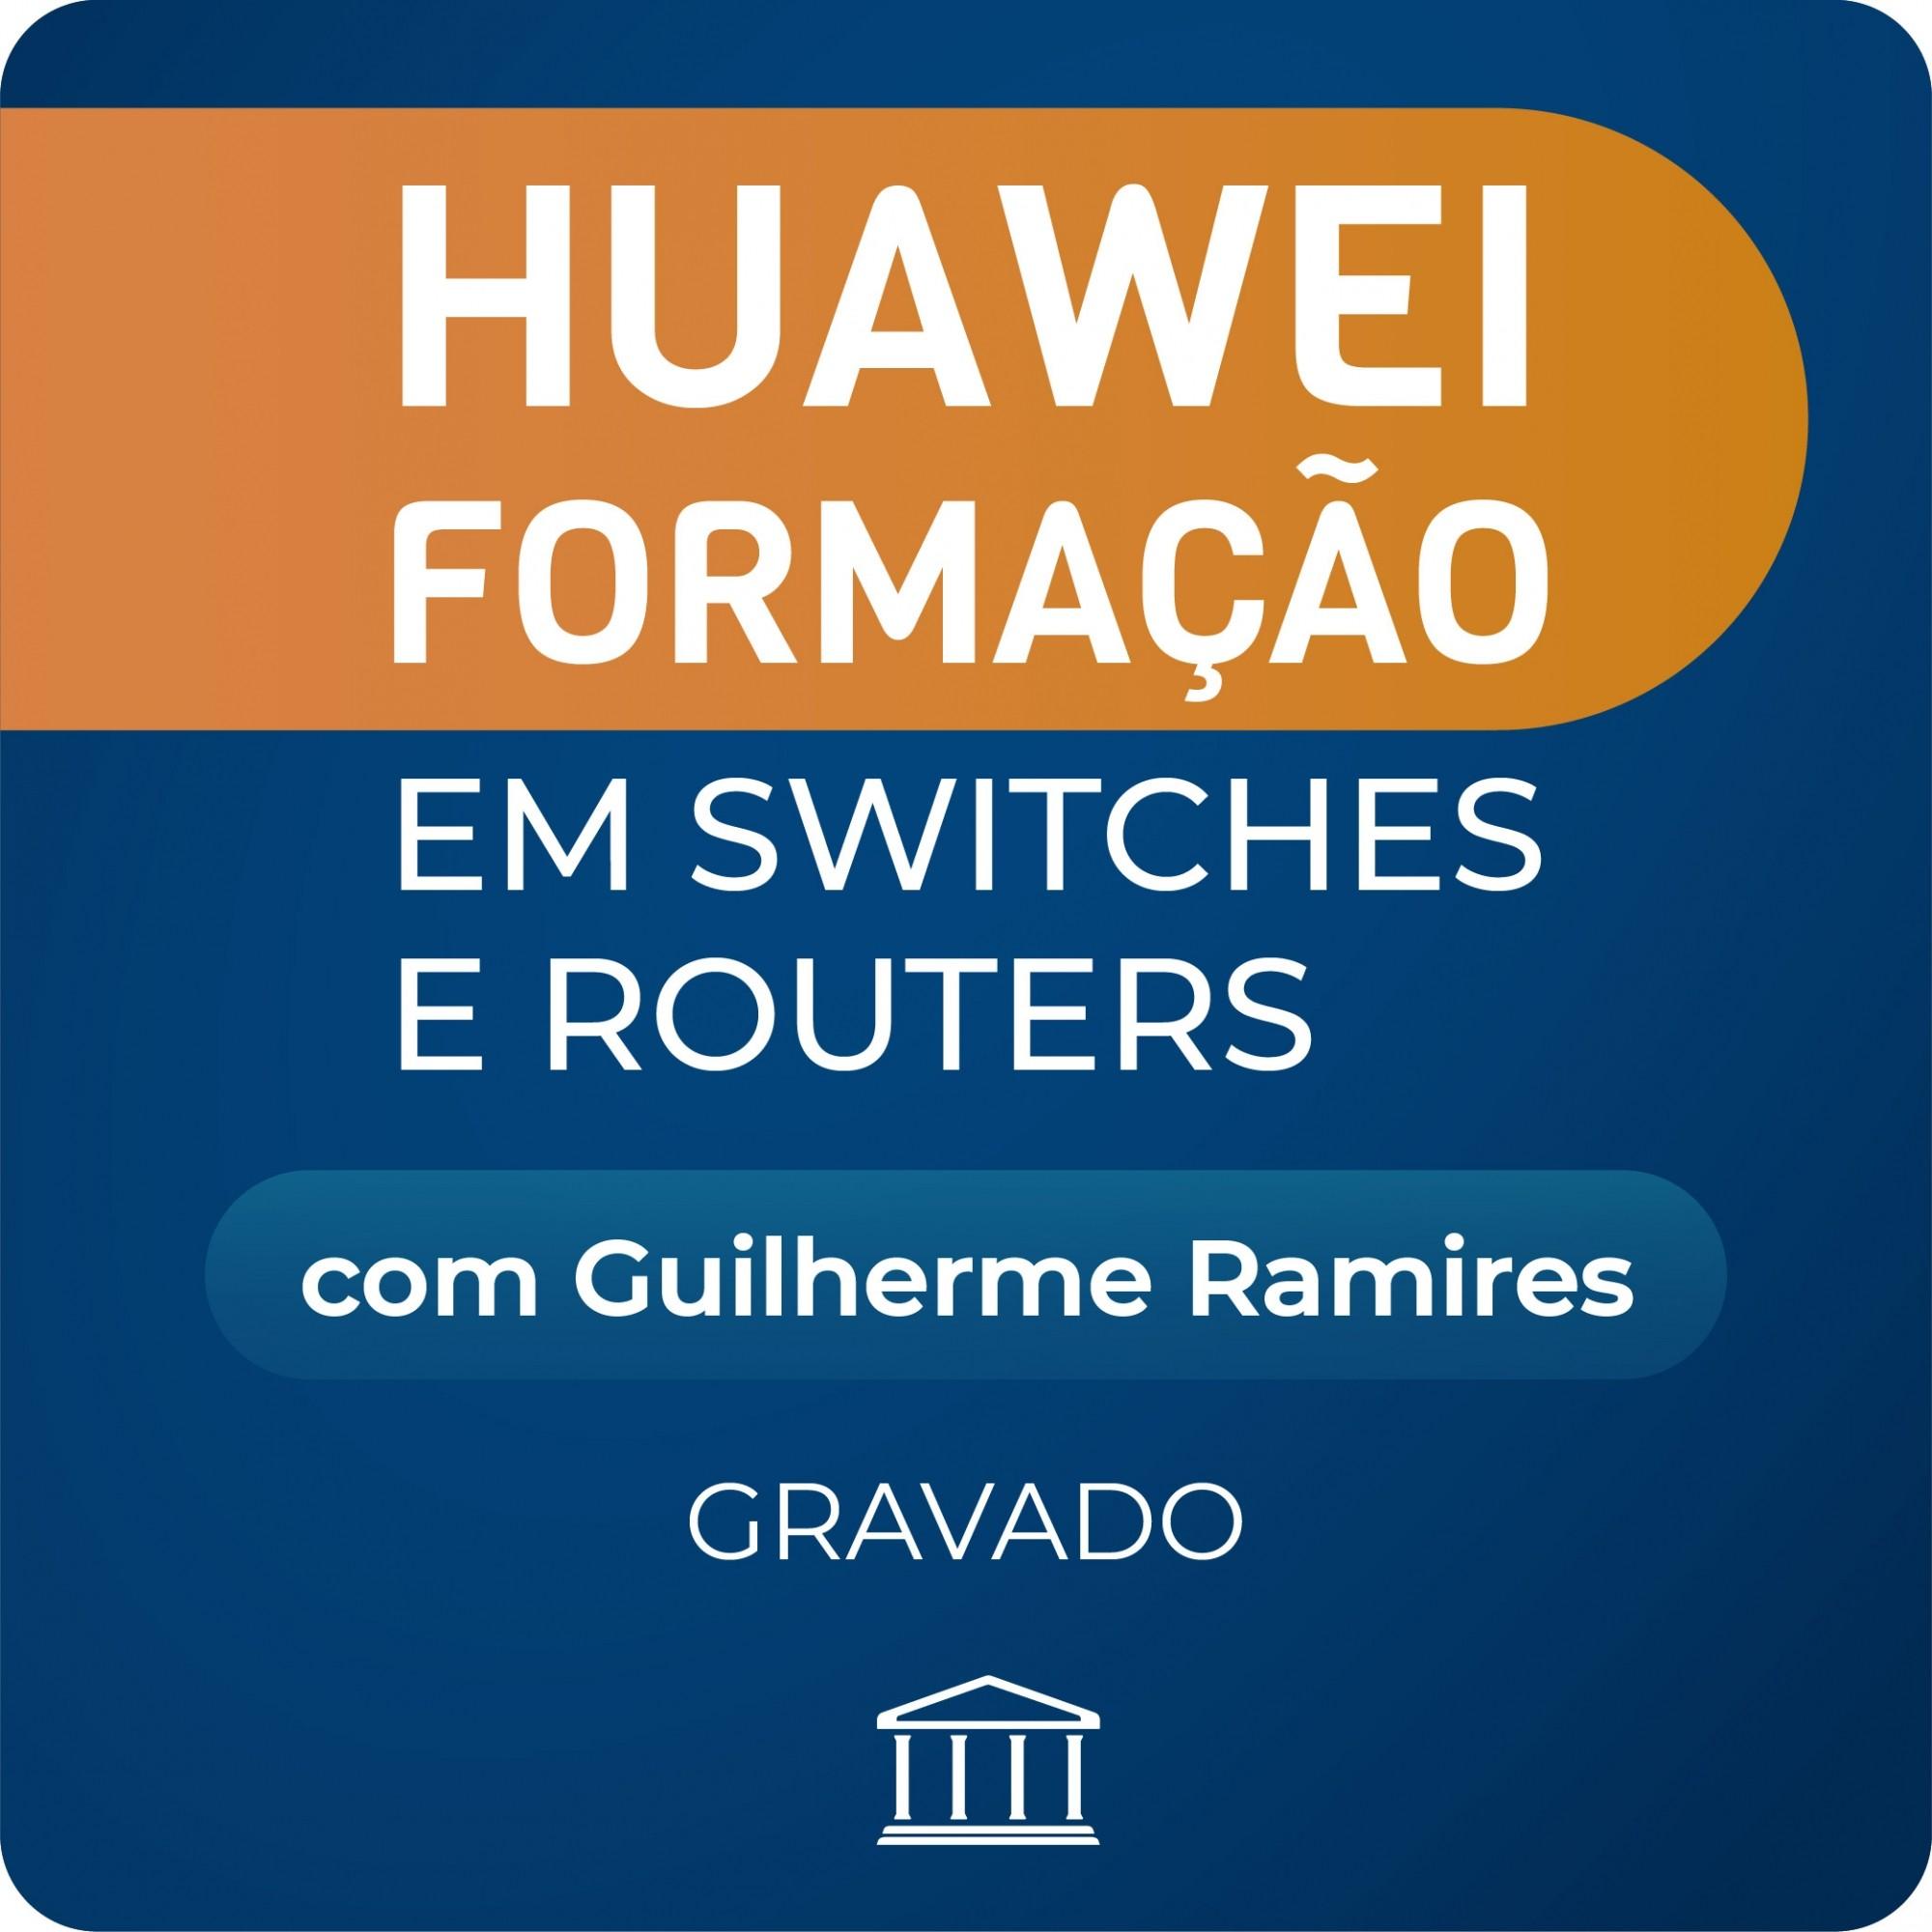 Huawei Formação em Switches e Routers com Guilherme Ramires - GRAVADO  - Voz e Dados